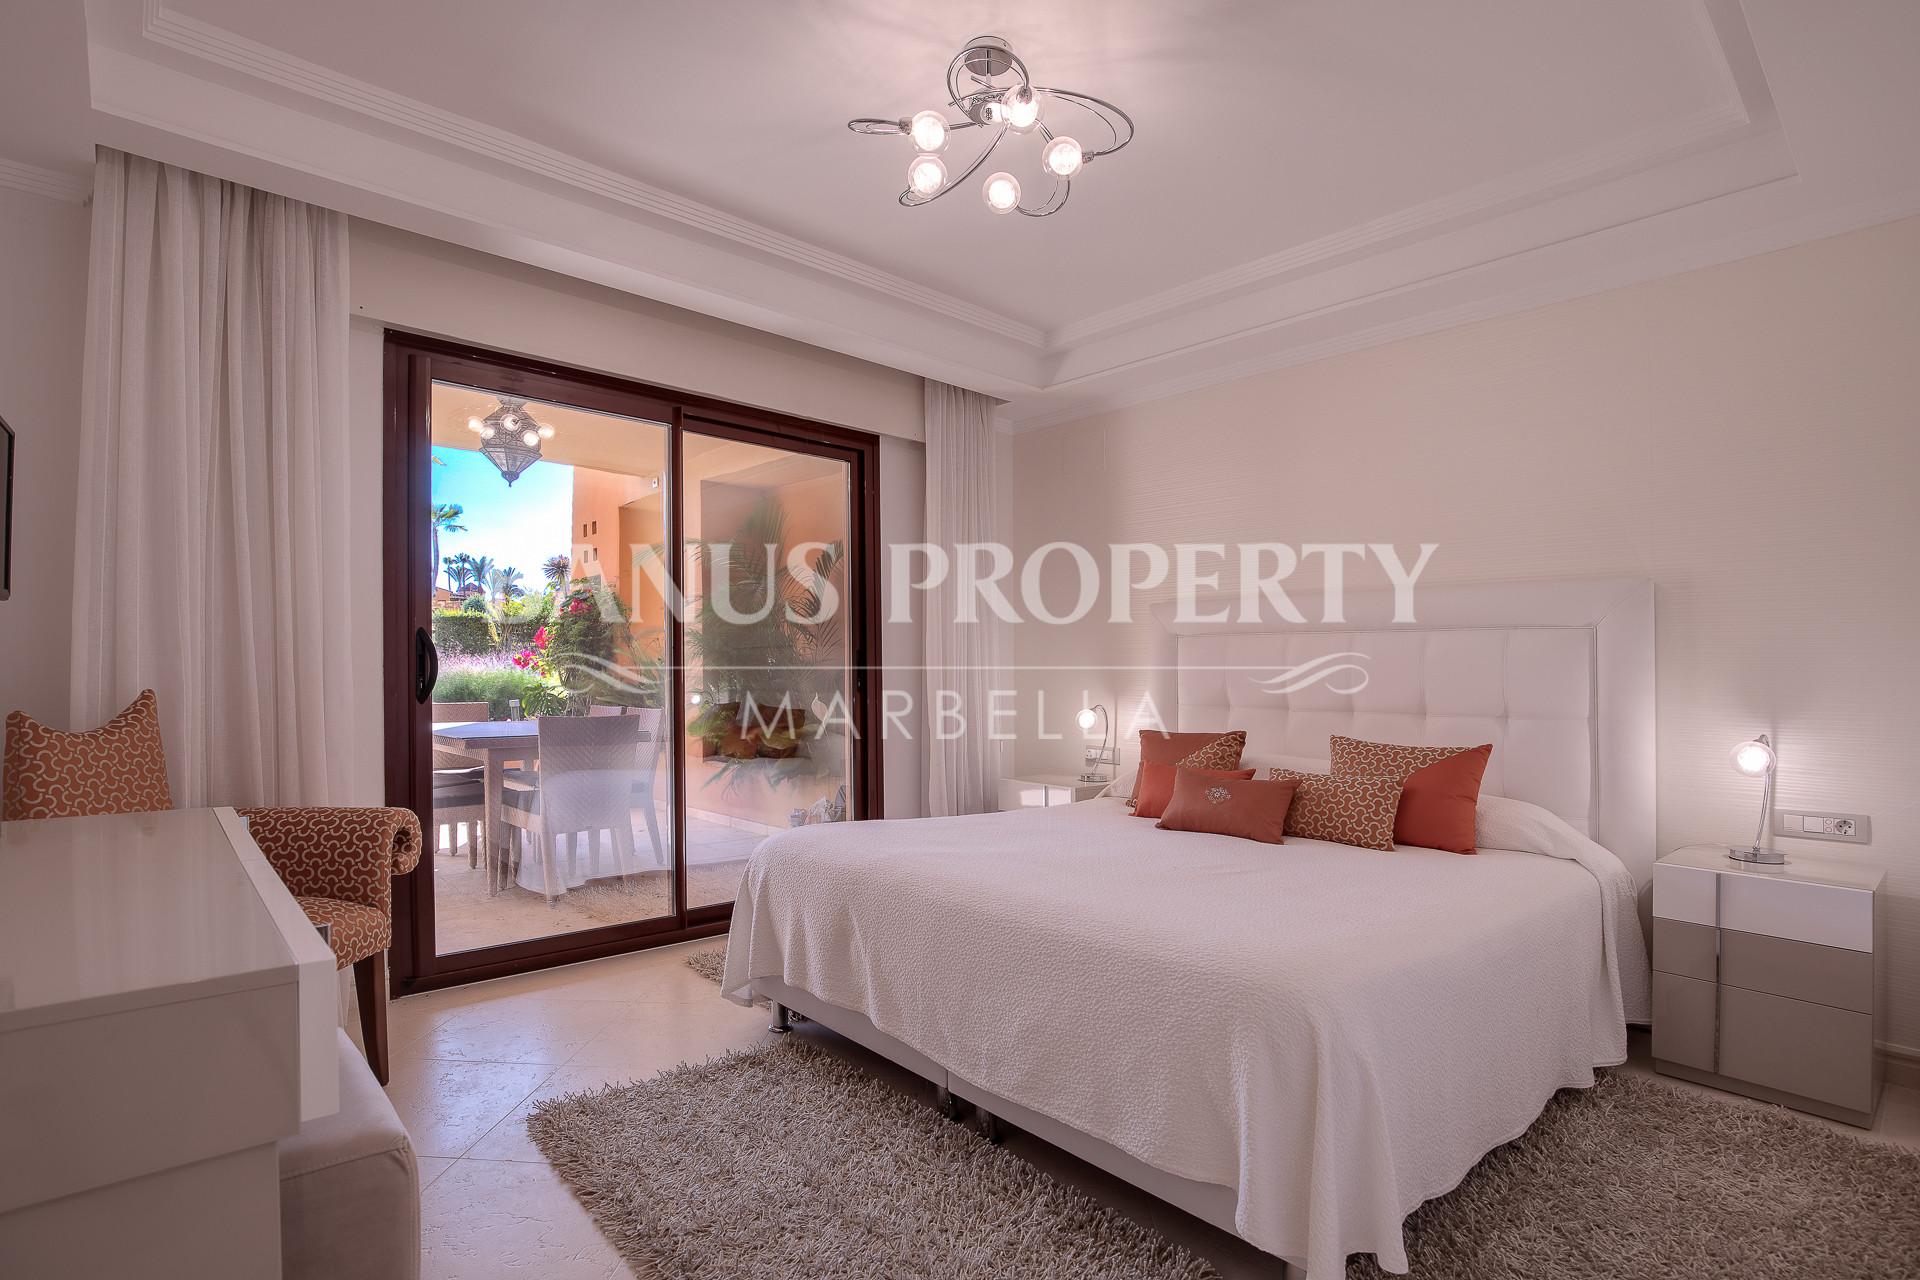 3-bedroom apartment with sunny and bright terrace in The Frontline Beach complex Los Granados del Mar- Estepona